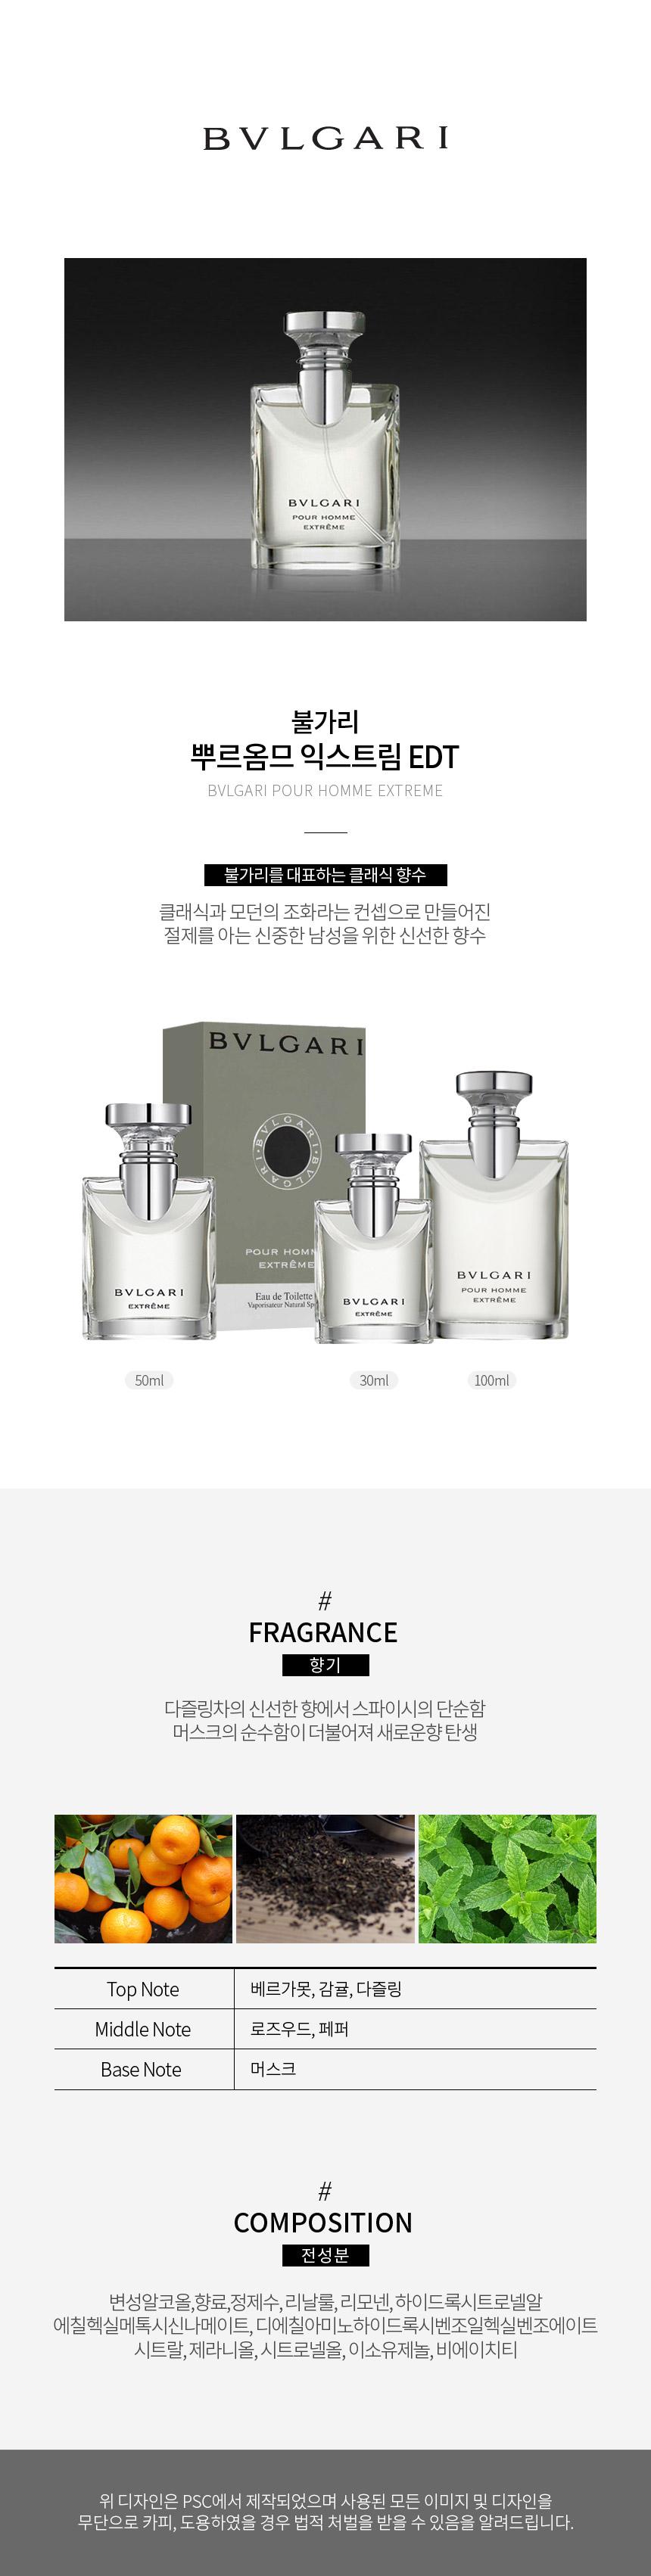 불가리(BVLGARI) [향수] 뿌르옴므 익스트림 EDT 50ml